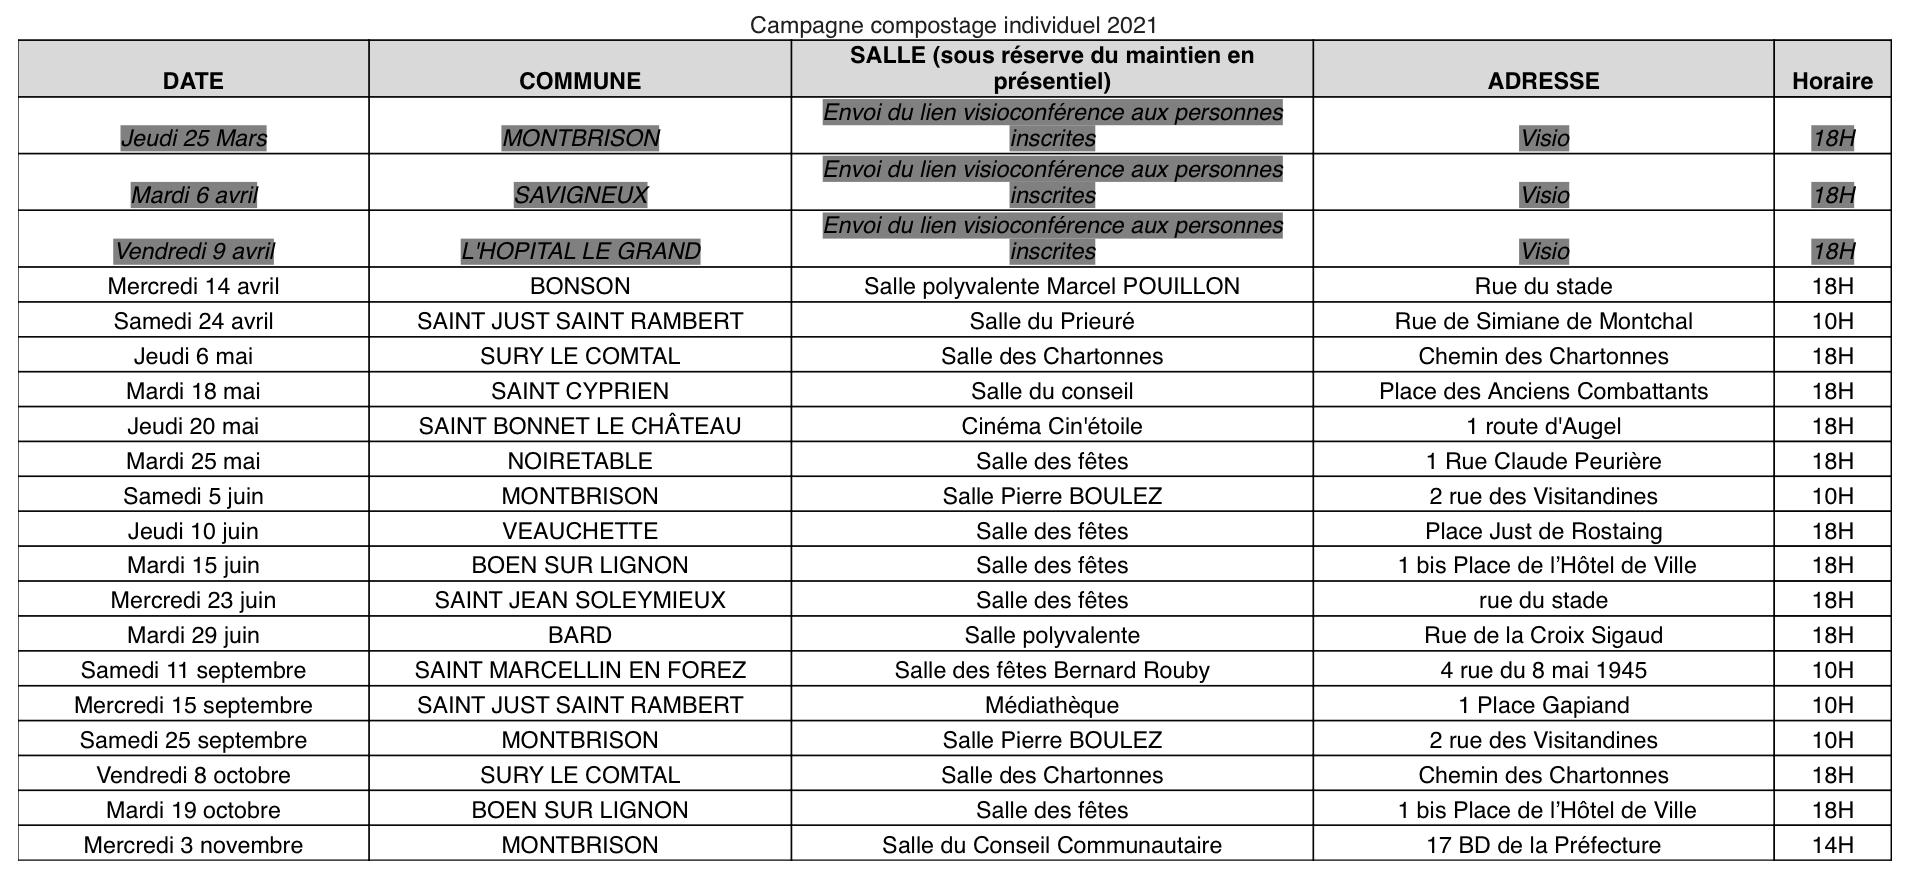 tableau réunion compostage LFA 2021